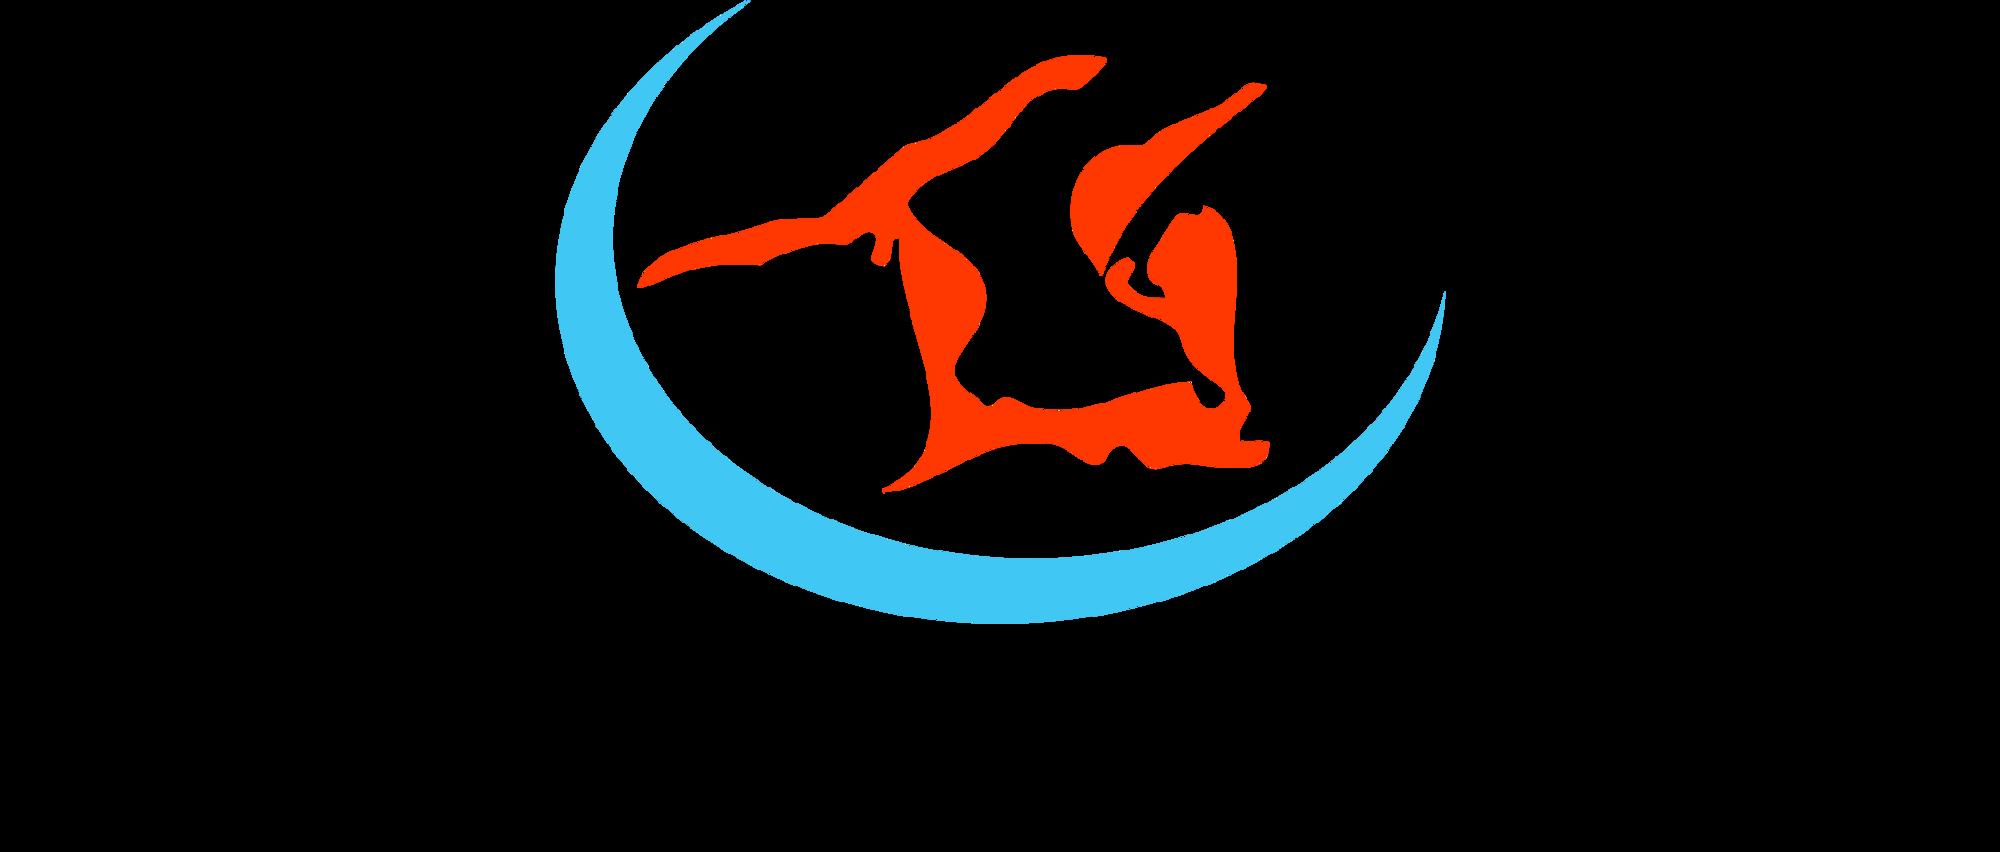 logo geojr